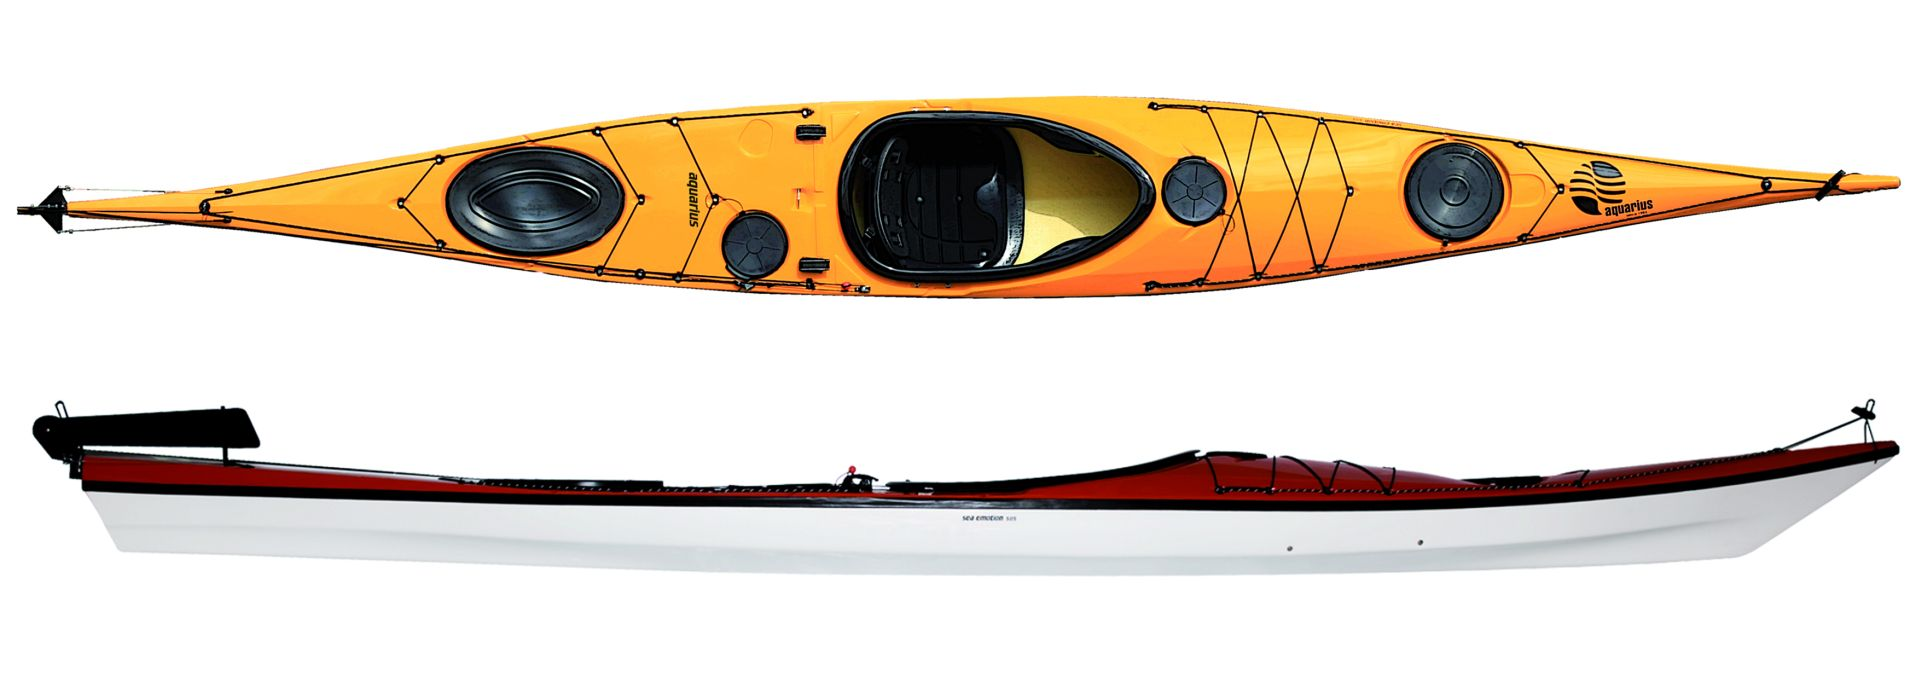 kajak-aquarius-sea-composite-sea-emotion-505